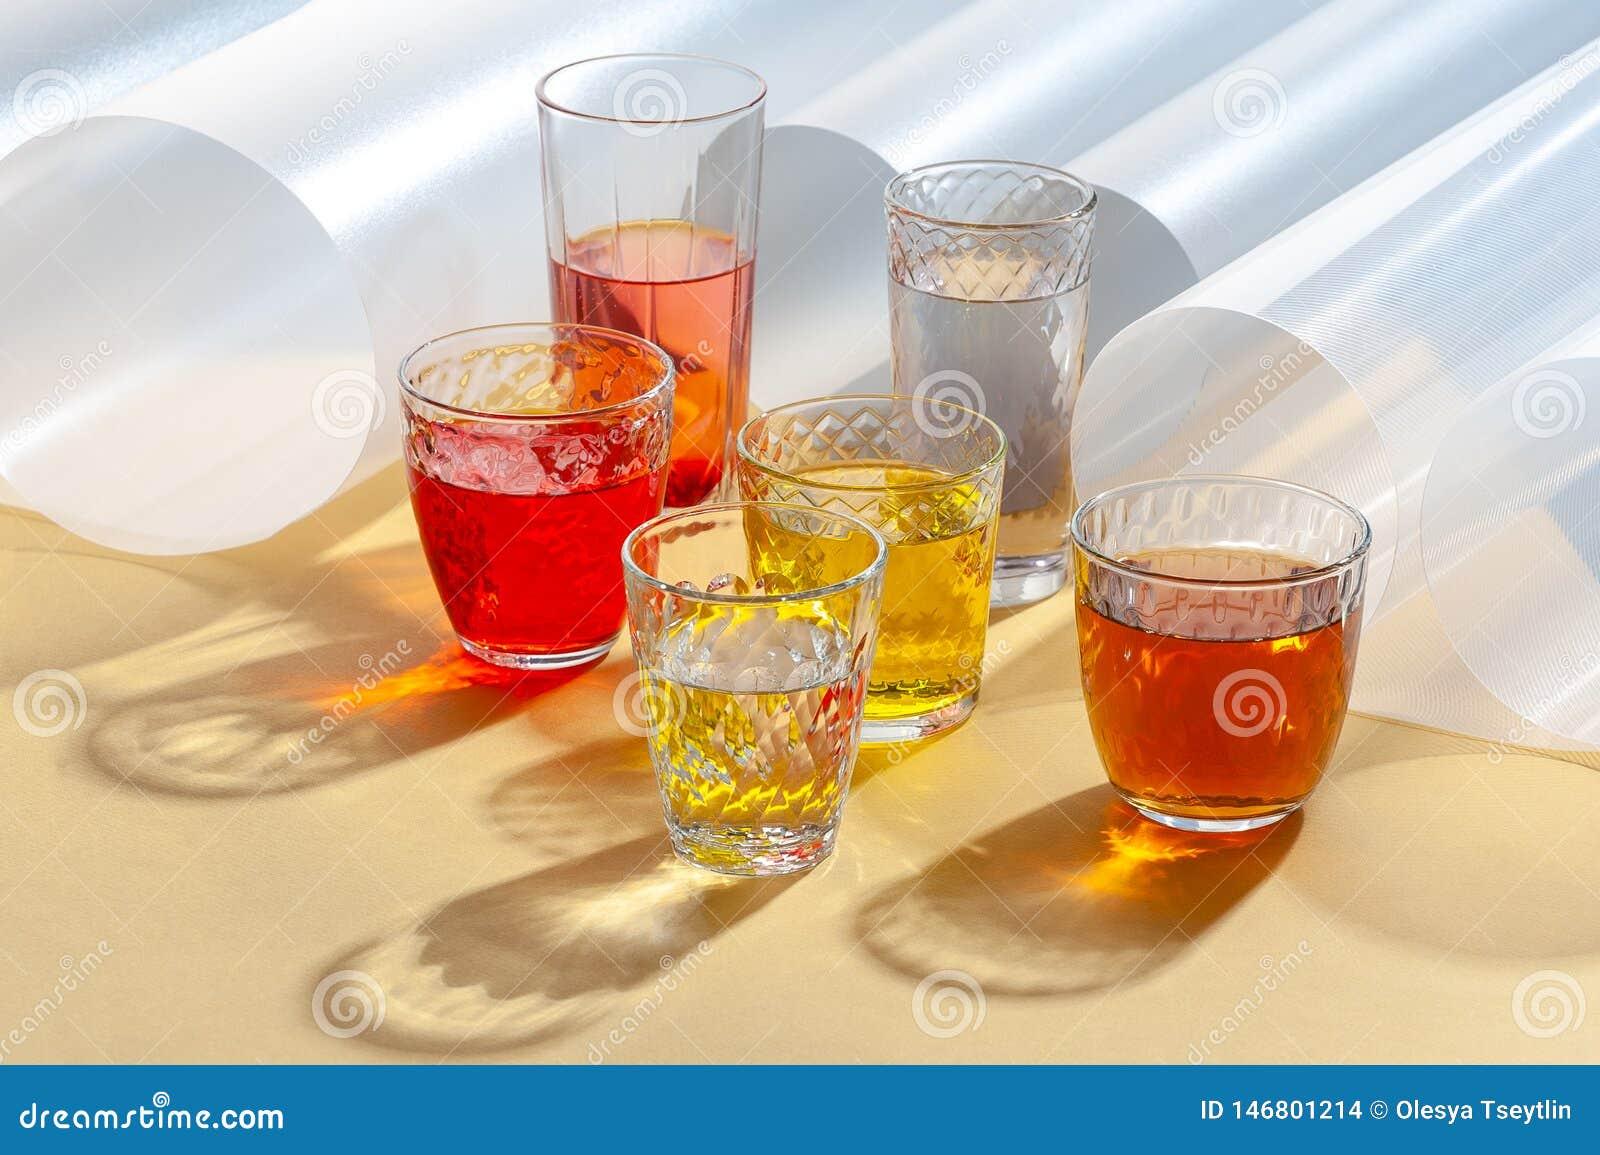 Boissons colorées dans des tasses en verre sur un fond jaune avec les éléments complémentaires